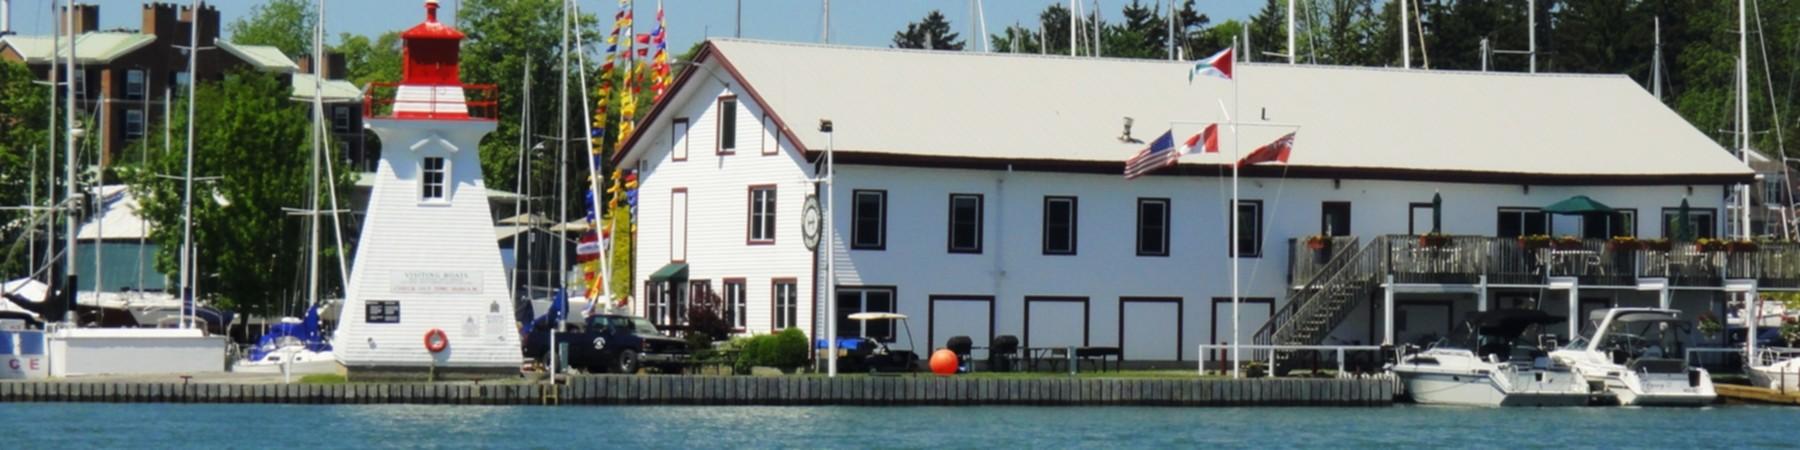 Niagara-on-the-Lake_Banner